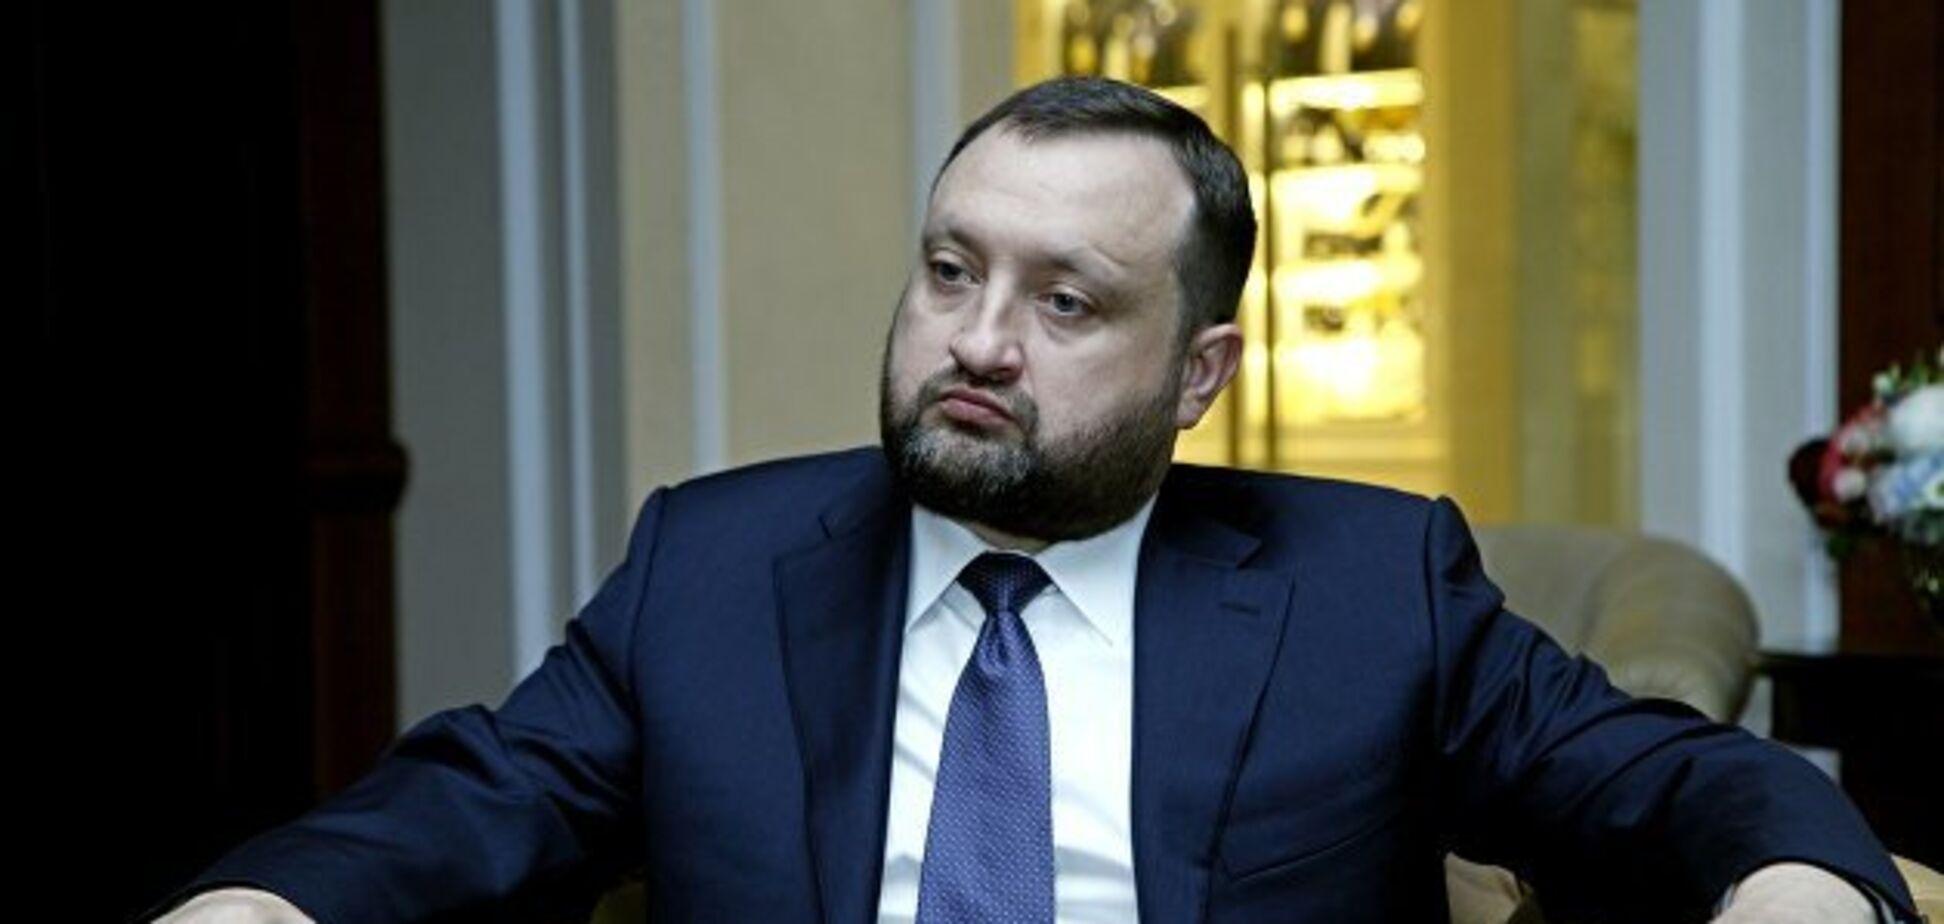 В Україні відновили розслідування у справі Арбузова: про що мова